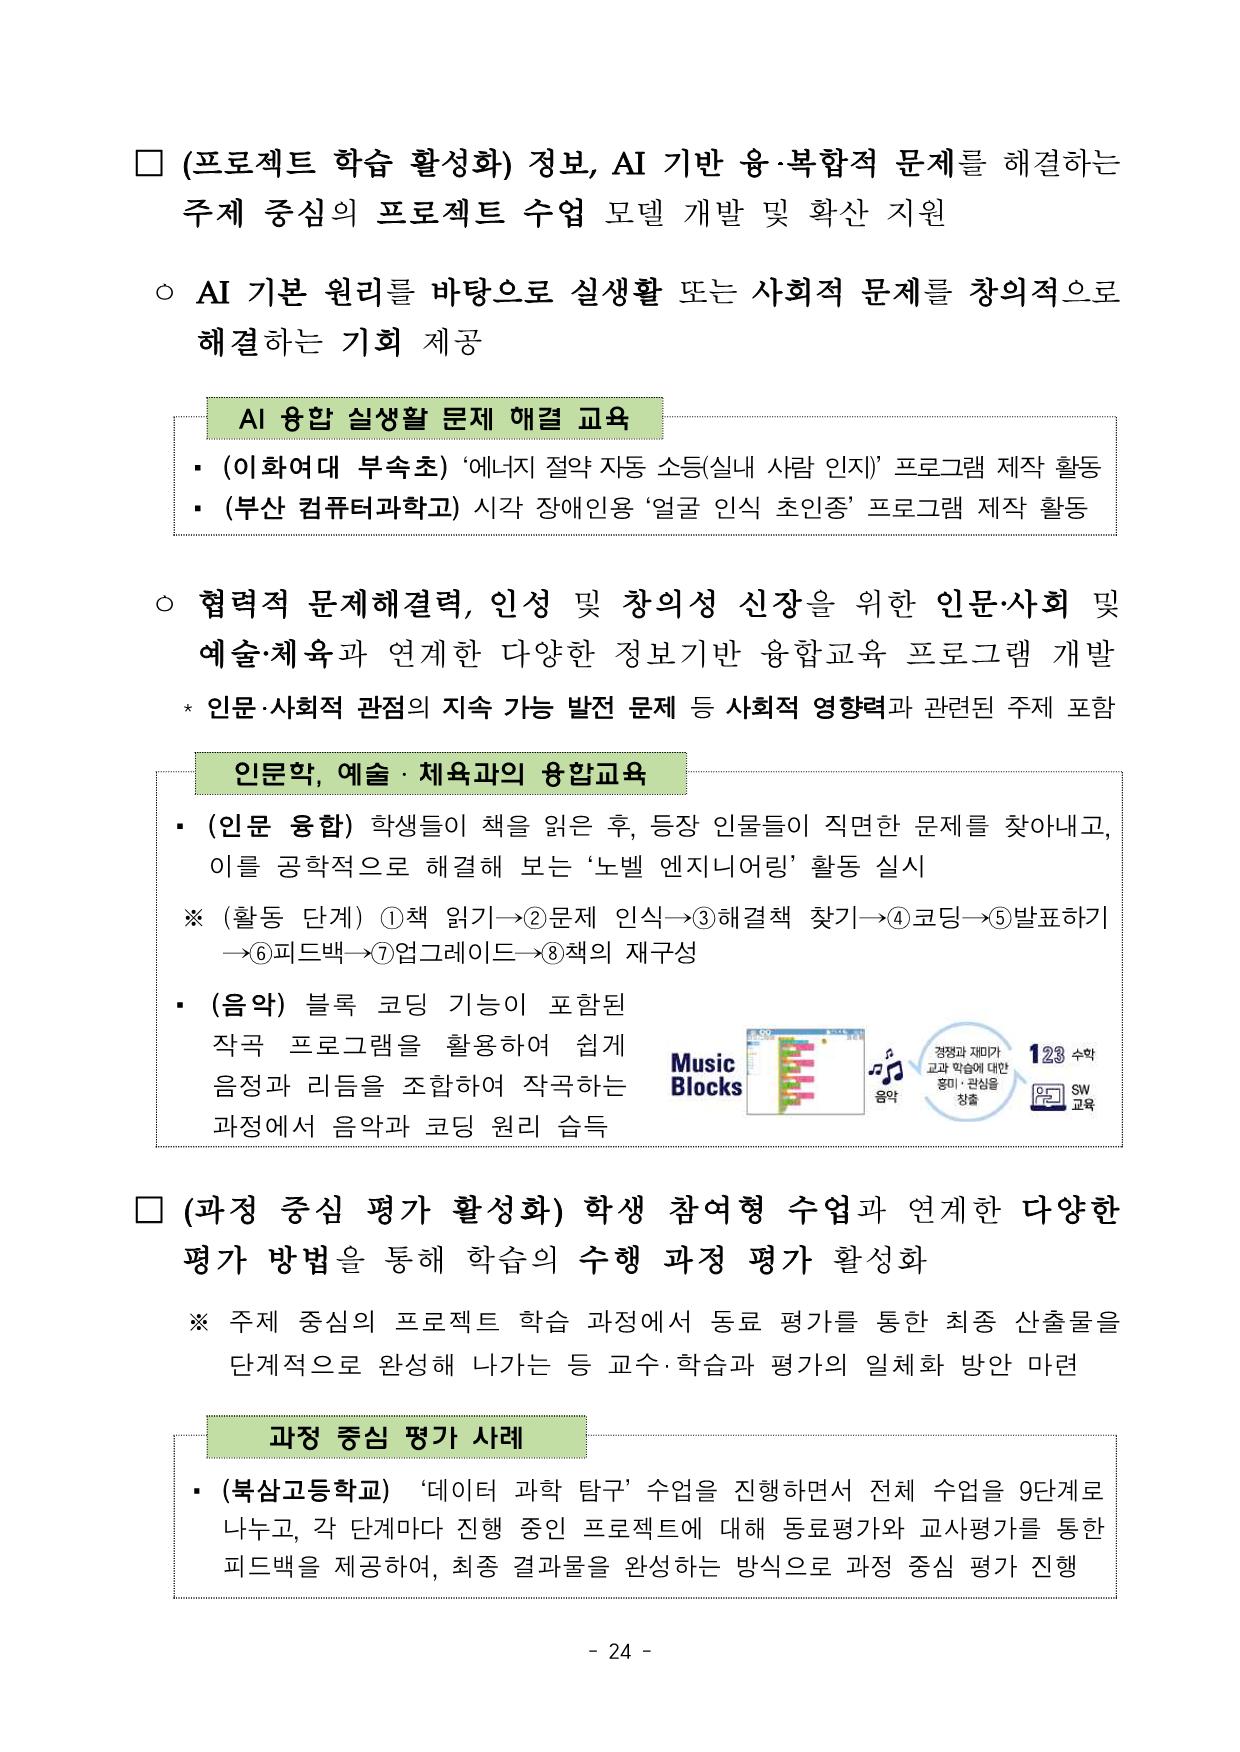 붙임 2-3. 정보교육 종합계획(안)_26.png